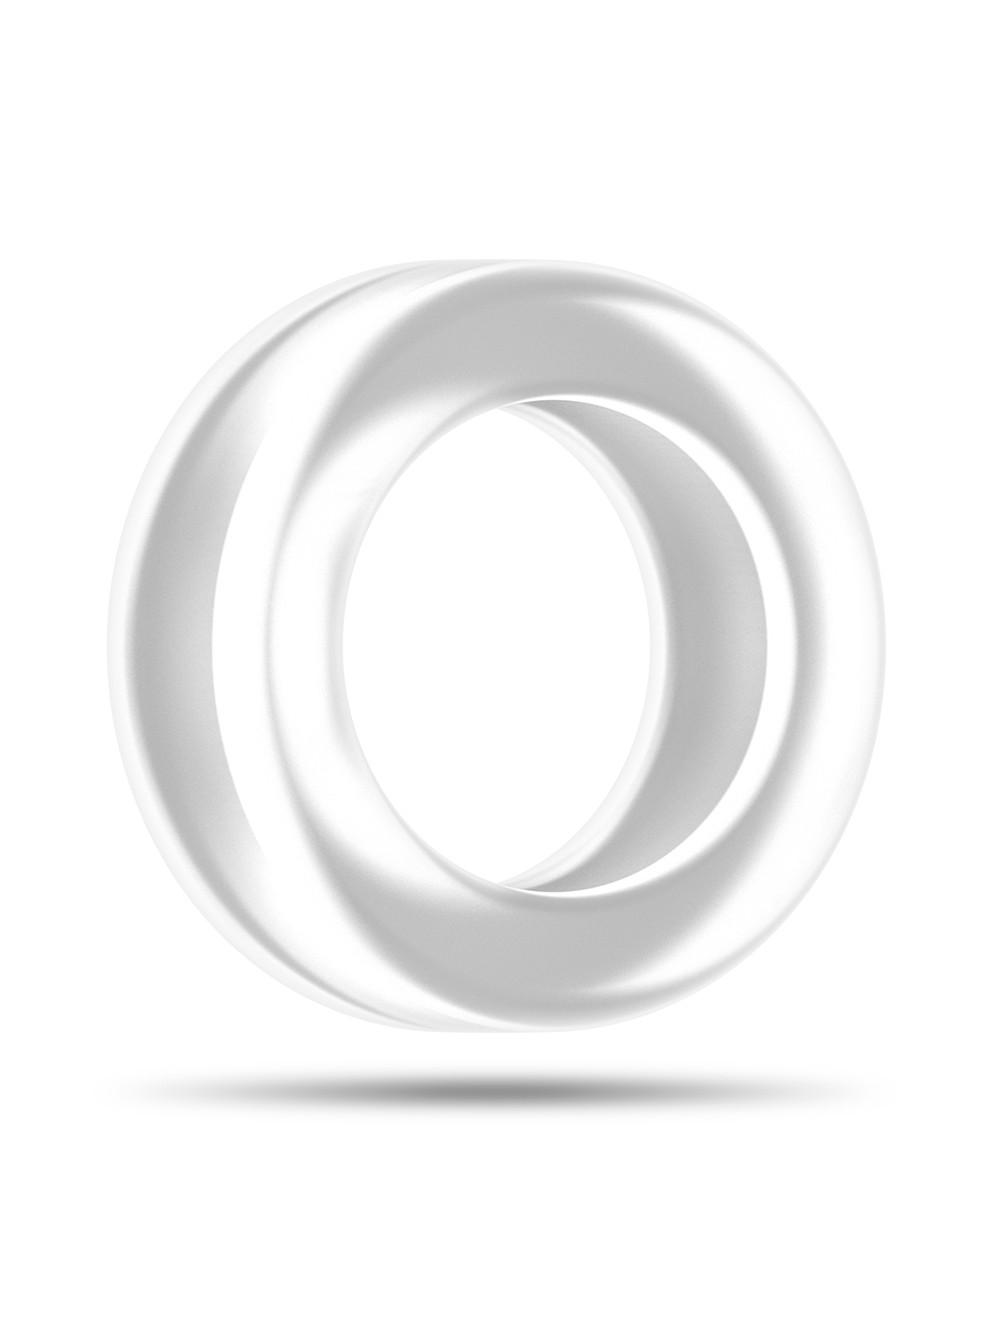 Sono SON039TRA Anello Fallico in Silicone, Trasparente - 1 Prodotto